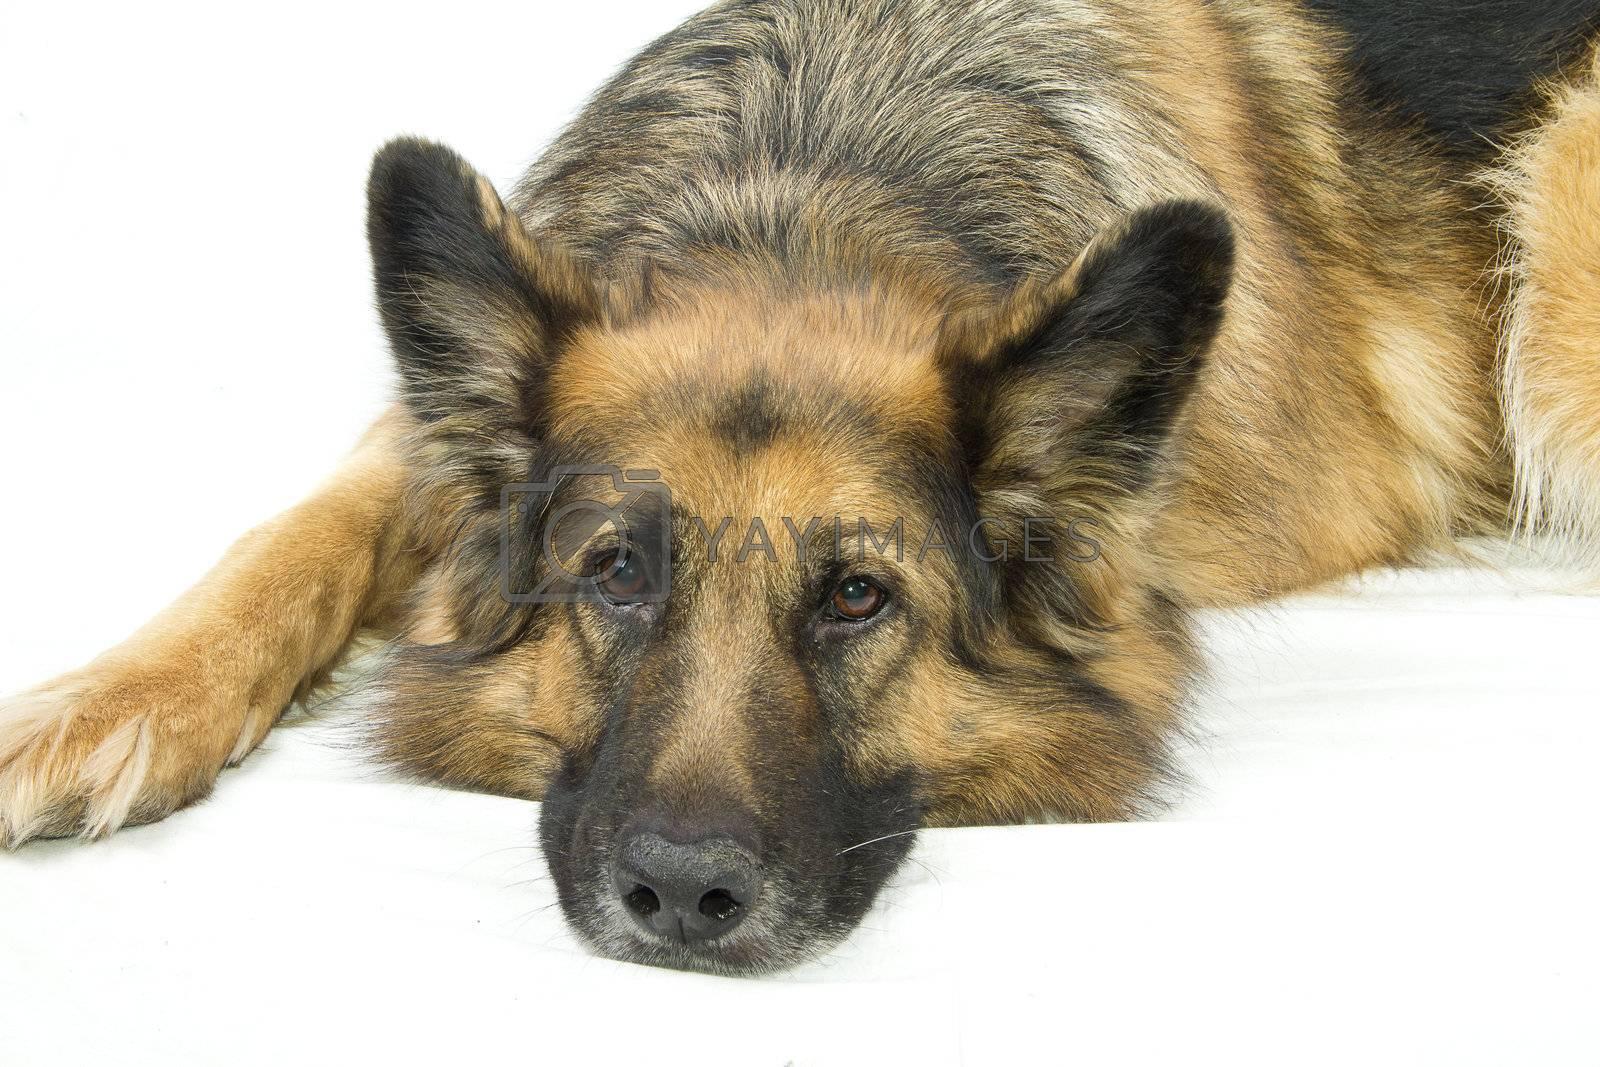 German Shepherd sad